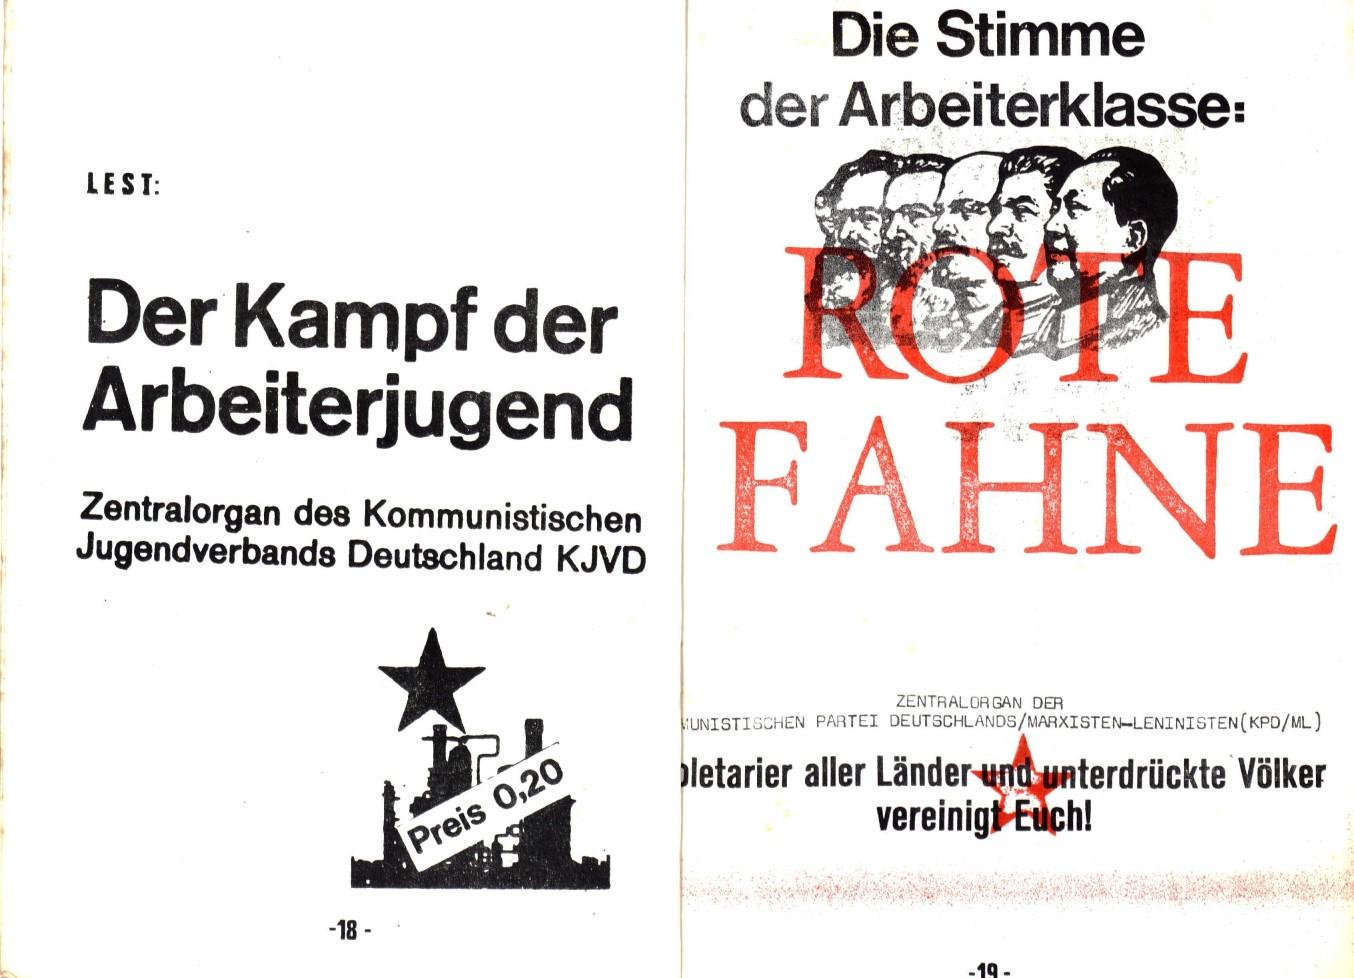 KJVD_1971_Der_wirtschaftliche_Kampf_der_Arbeiterjugend_10